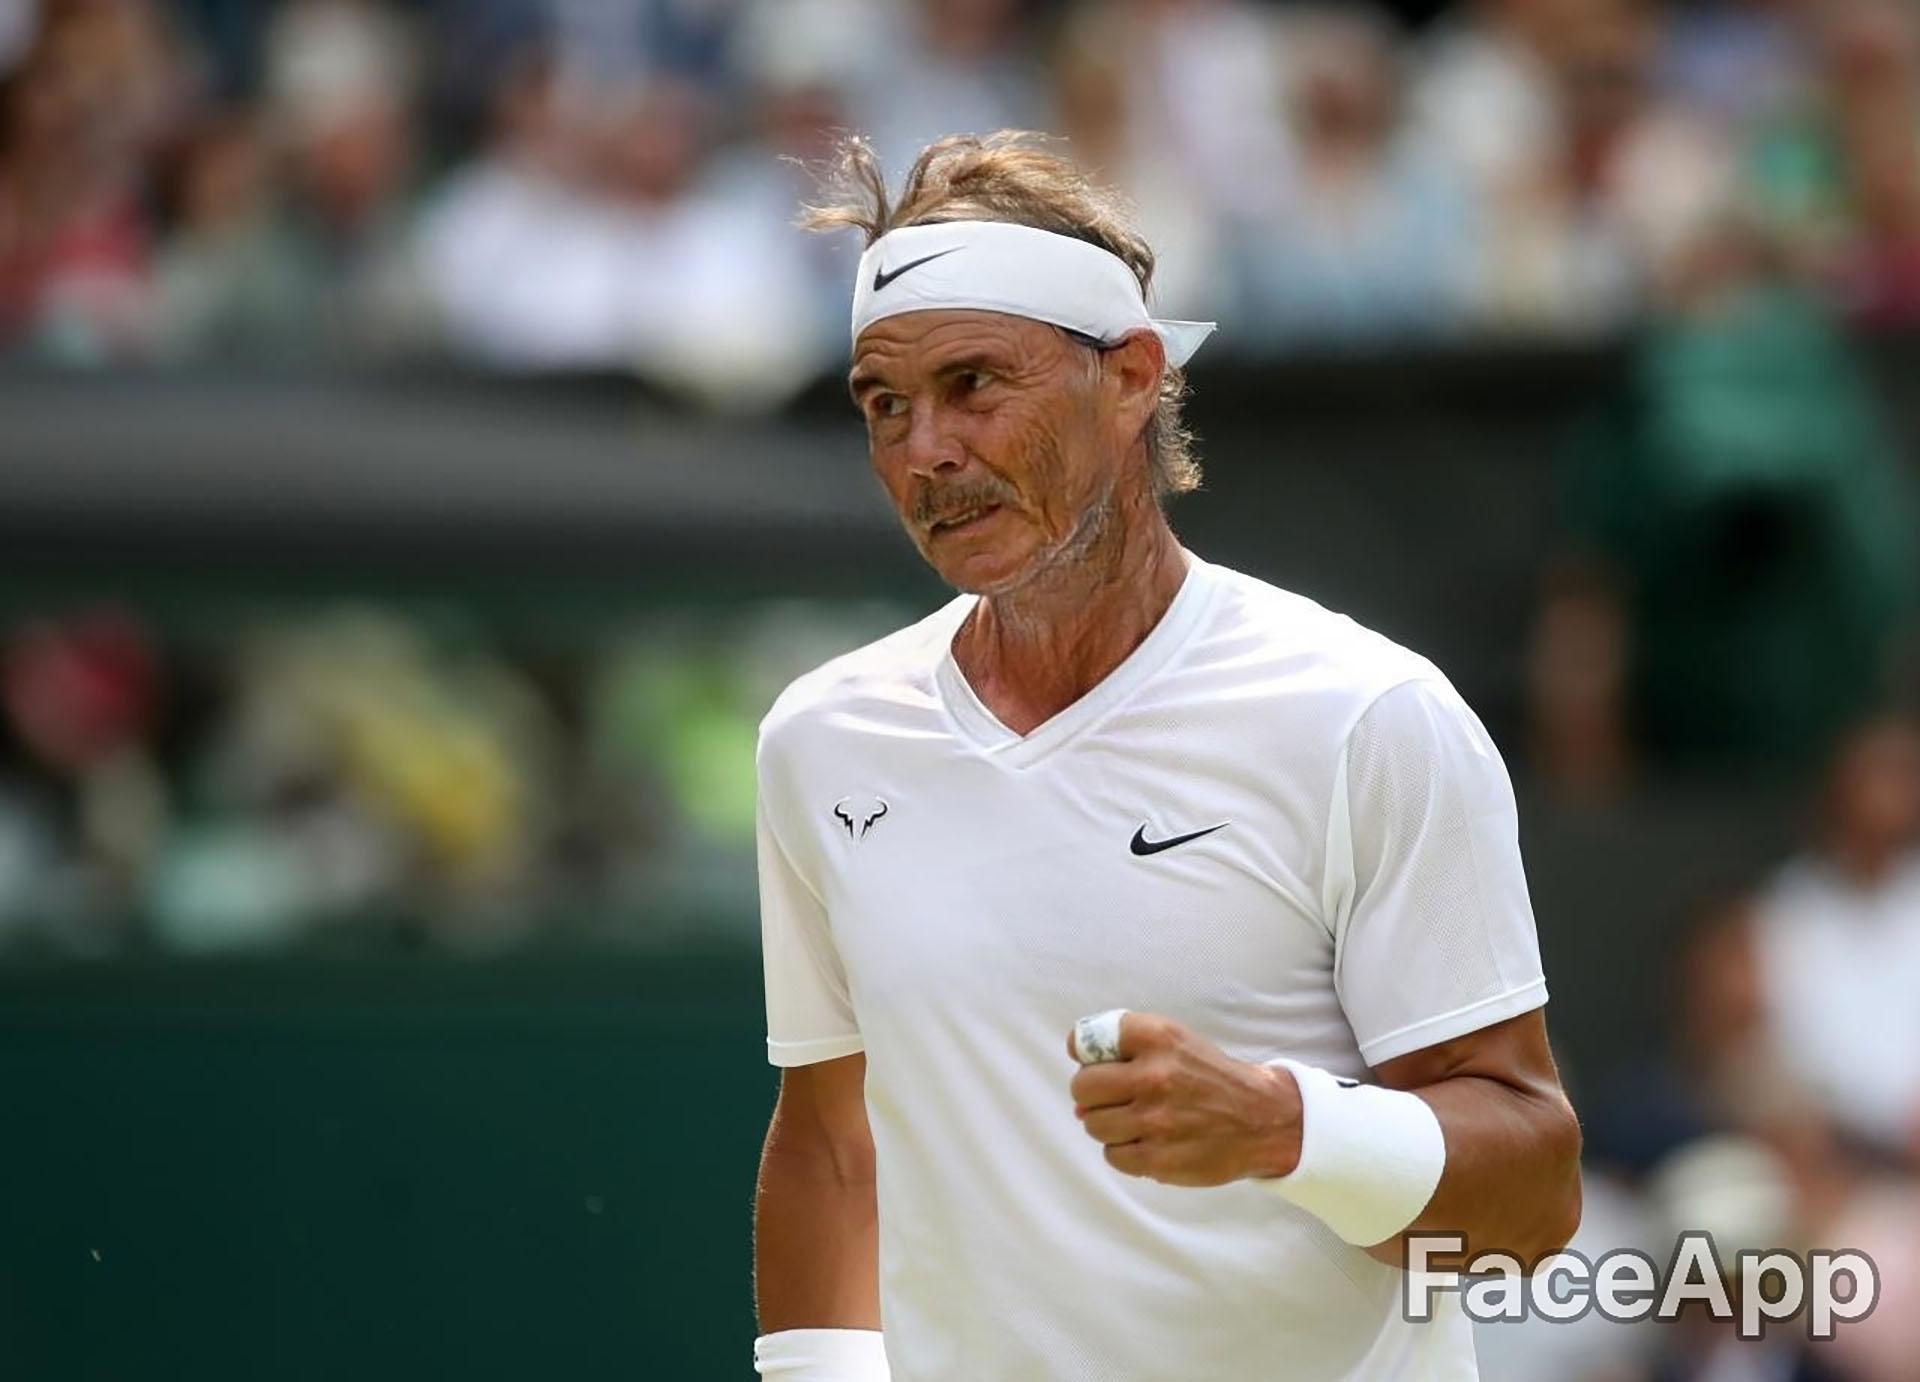 Año 2050, Rafael Nadal volvió a ganar Roland Garros